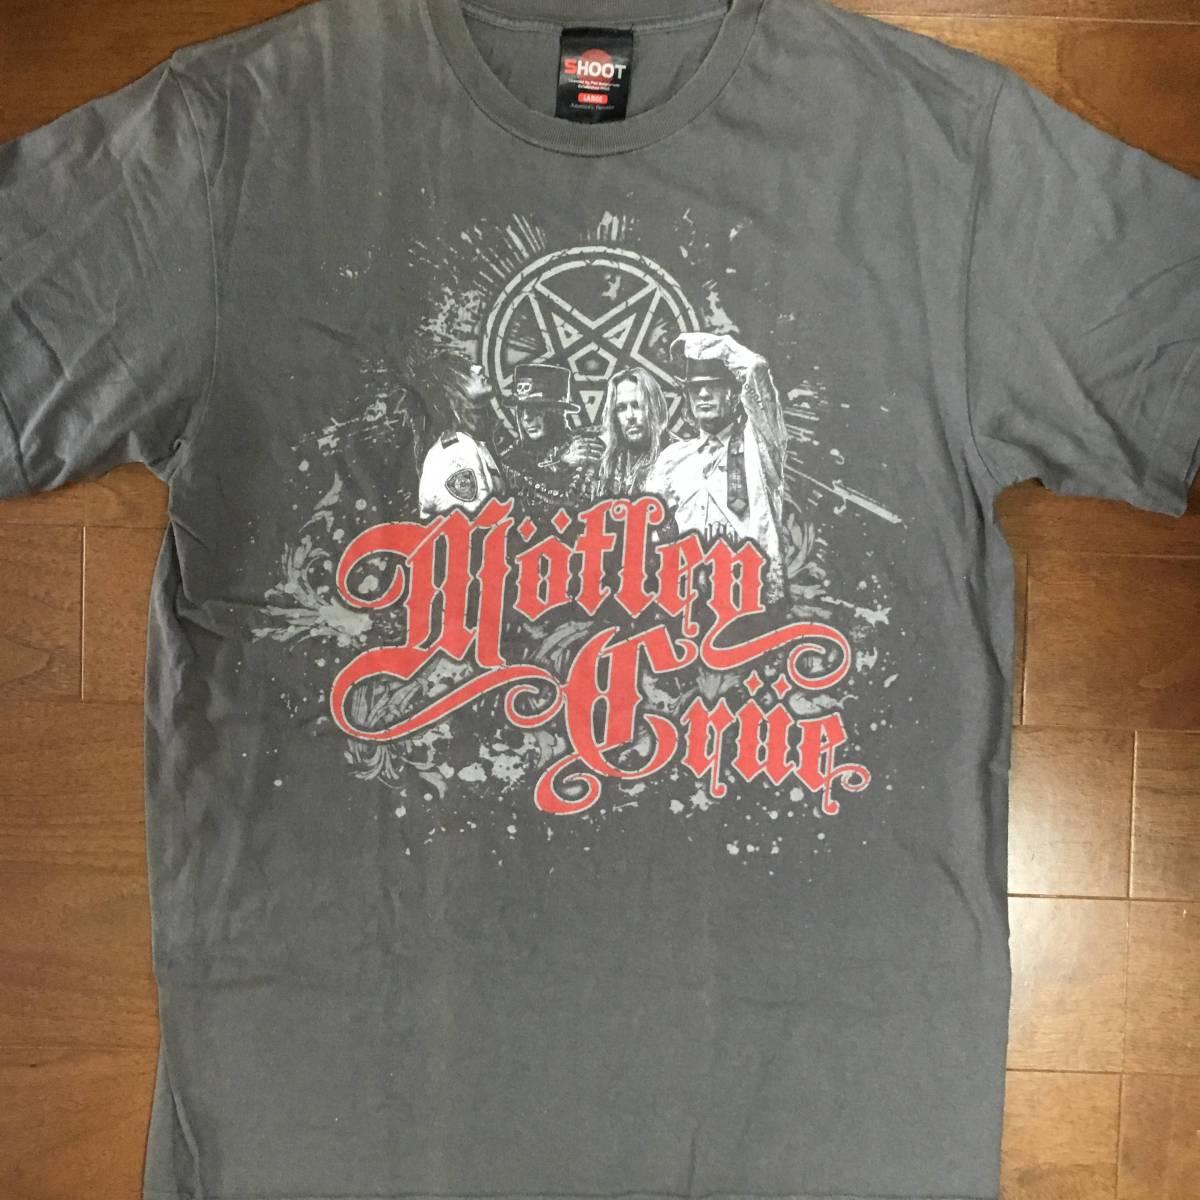 レア ロックTシャツ MOTLEY CRUE モトリークルー 2011world TOUR Lサイズ 正規品 古着 バンドTシャツ グレー 美品 GUNS'N ROSES